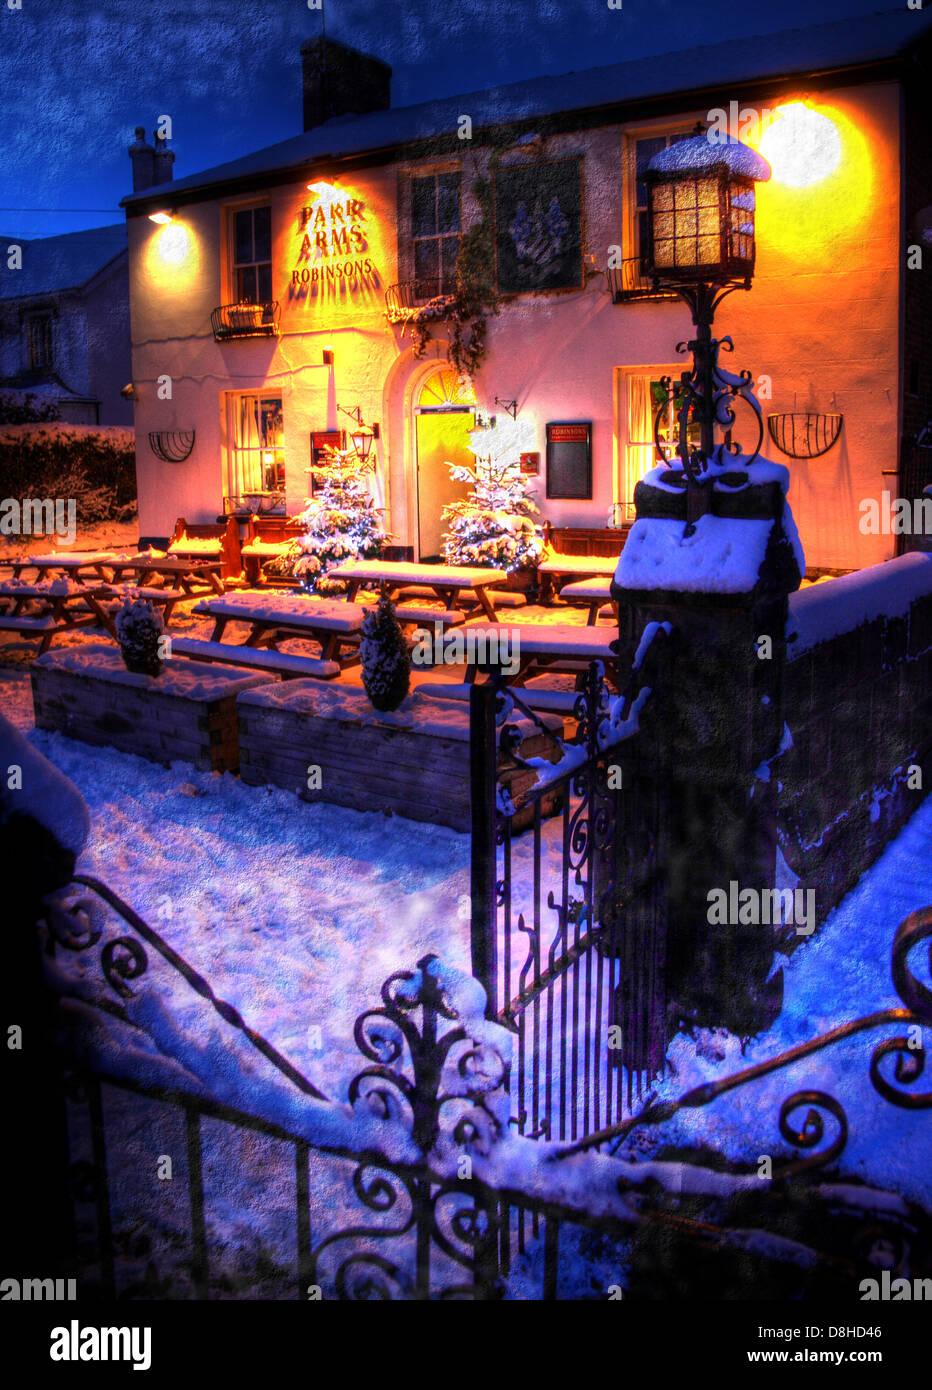 Laden Sie dieses Alamy Stockfoto Parr Arms Pub, Winter Schneefall in Grappenhall Village, Warrington Cheshire, England, UK in der Abenddämmerung - D8HD46